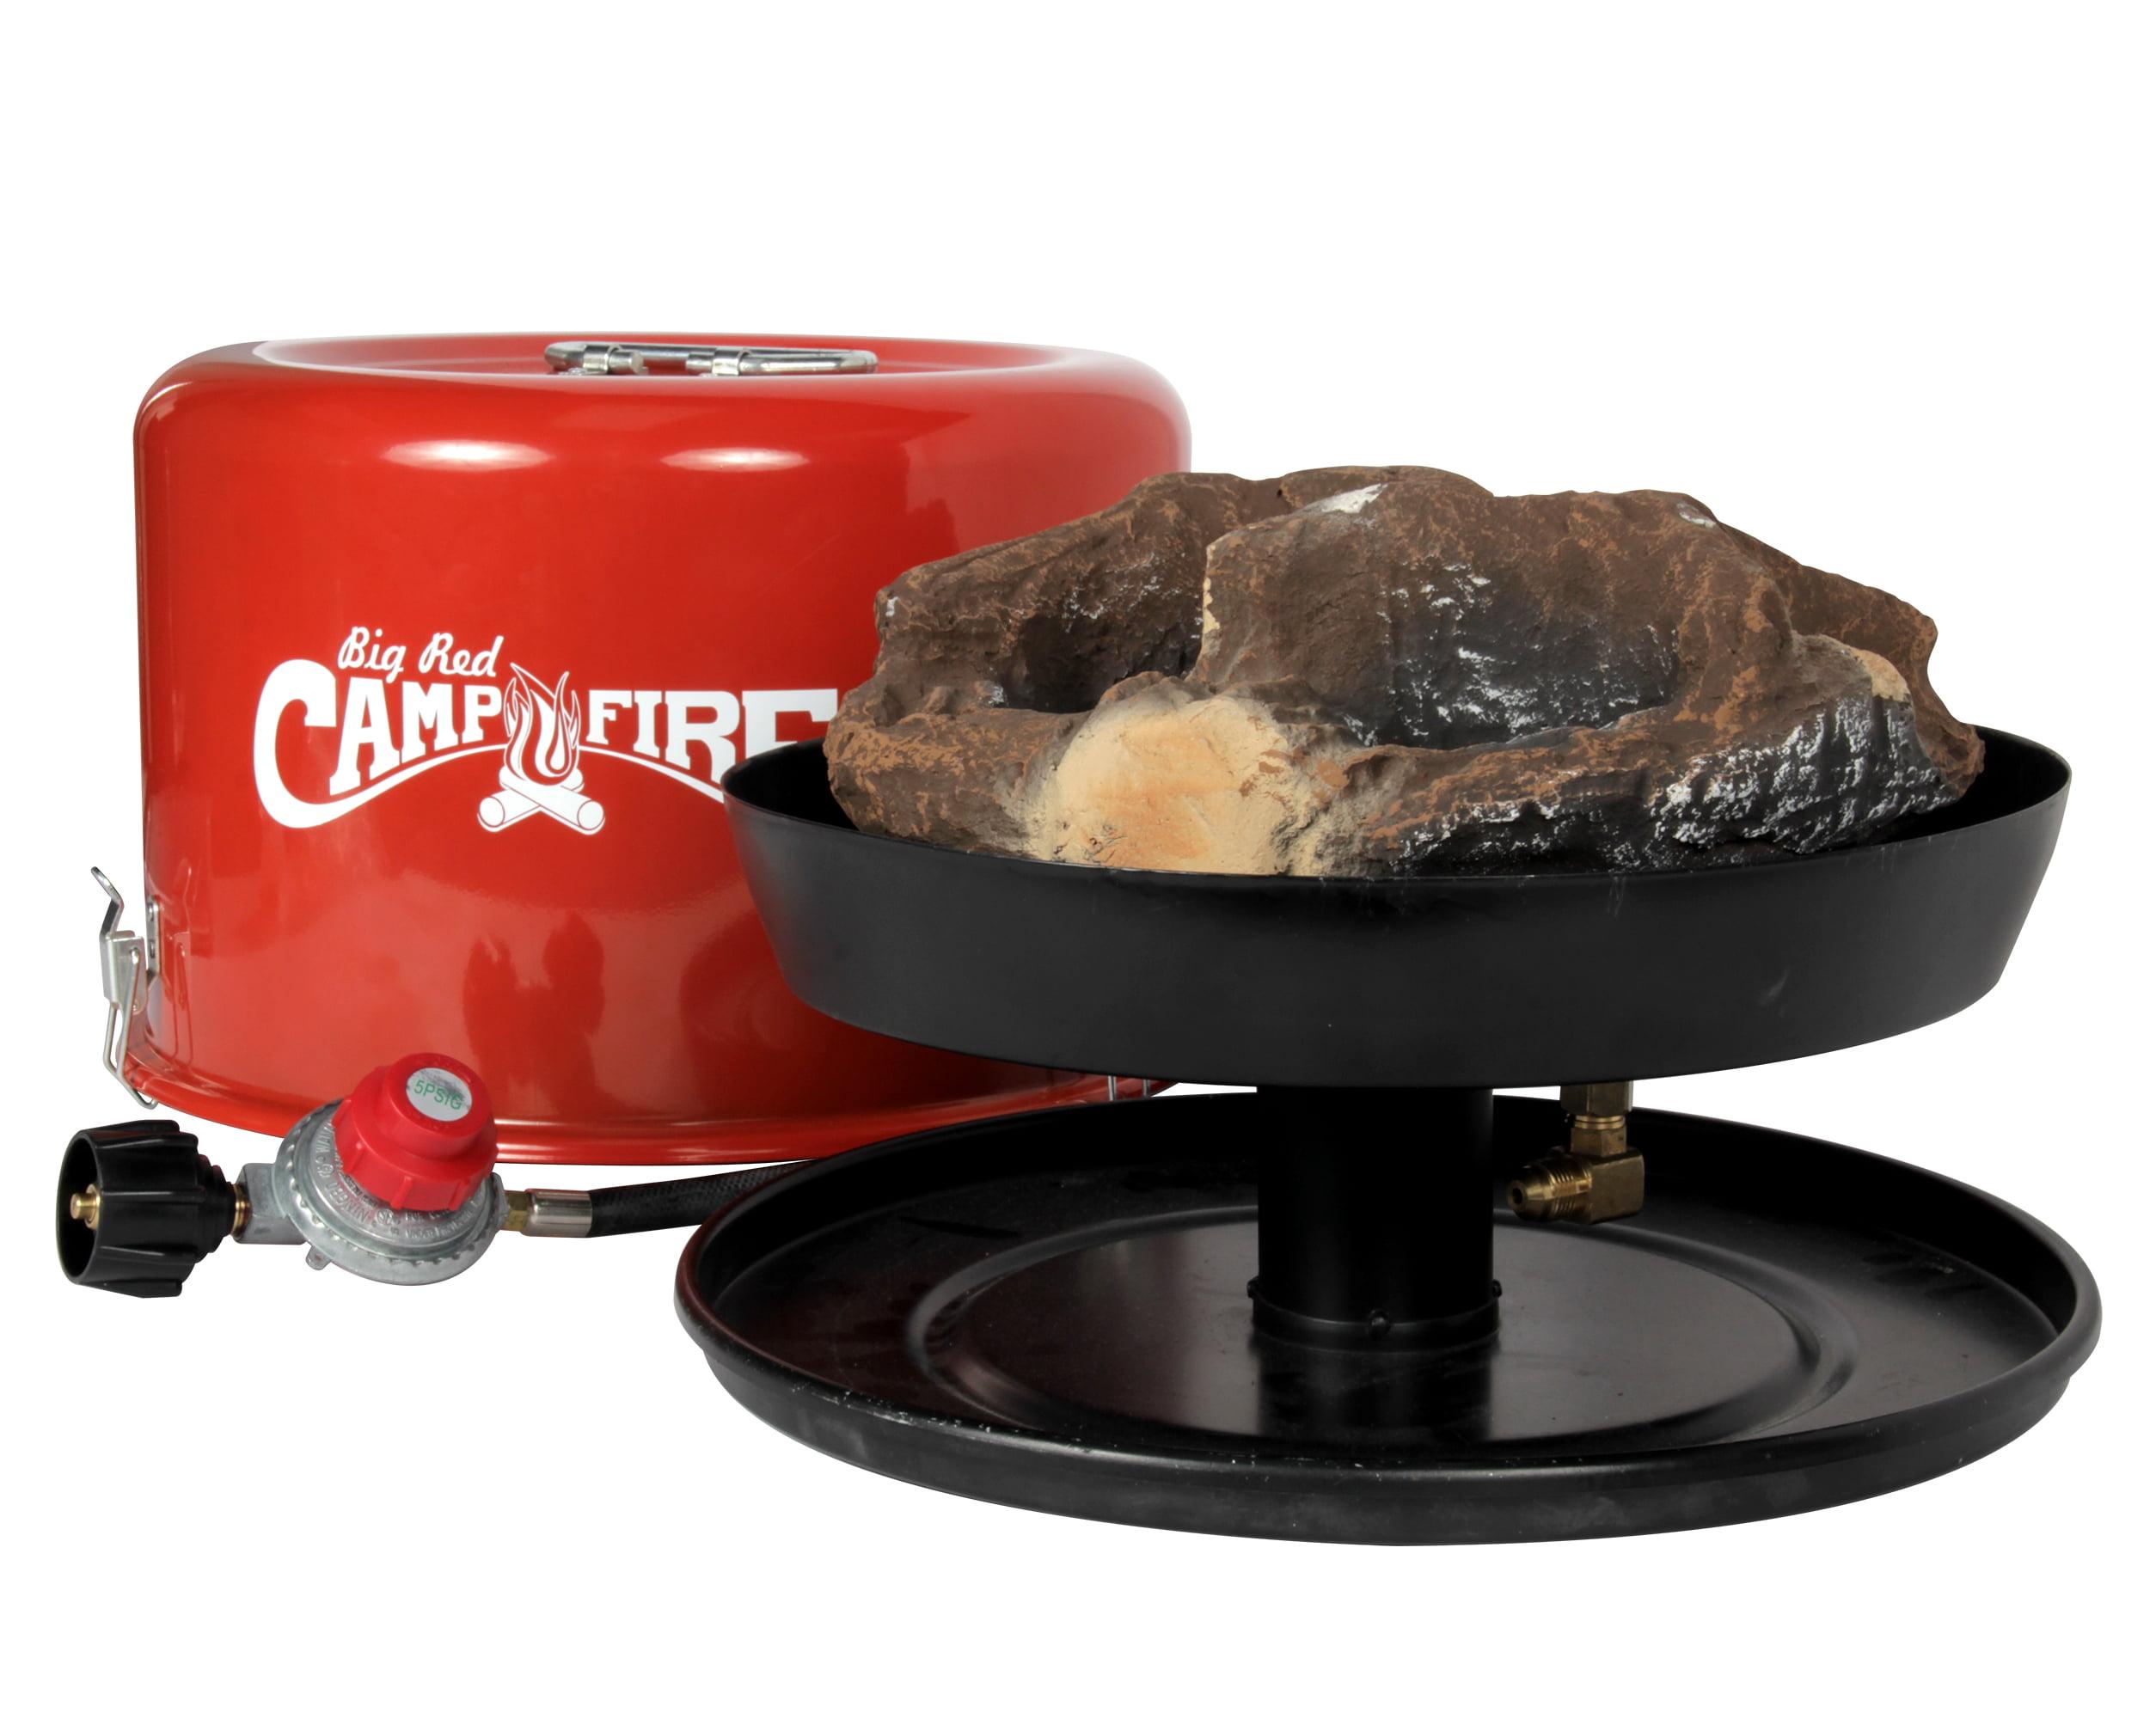 Camco 58035 Big Red Campfire Approved For Rv Campgrounds Includes 10 Foot Propane Hose Walmart Com Walmart Com